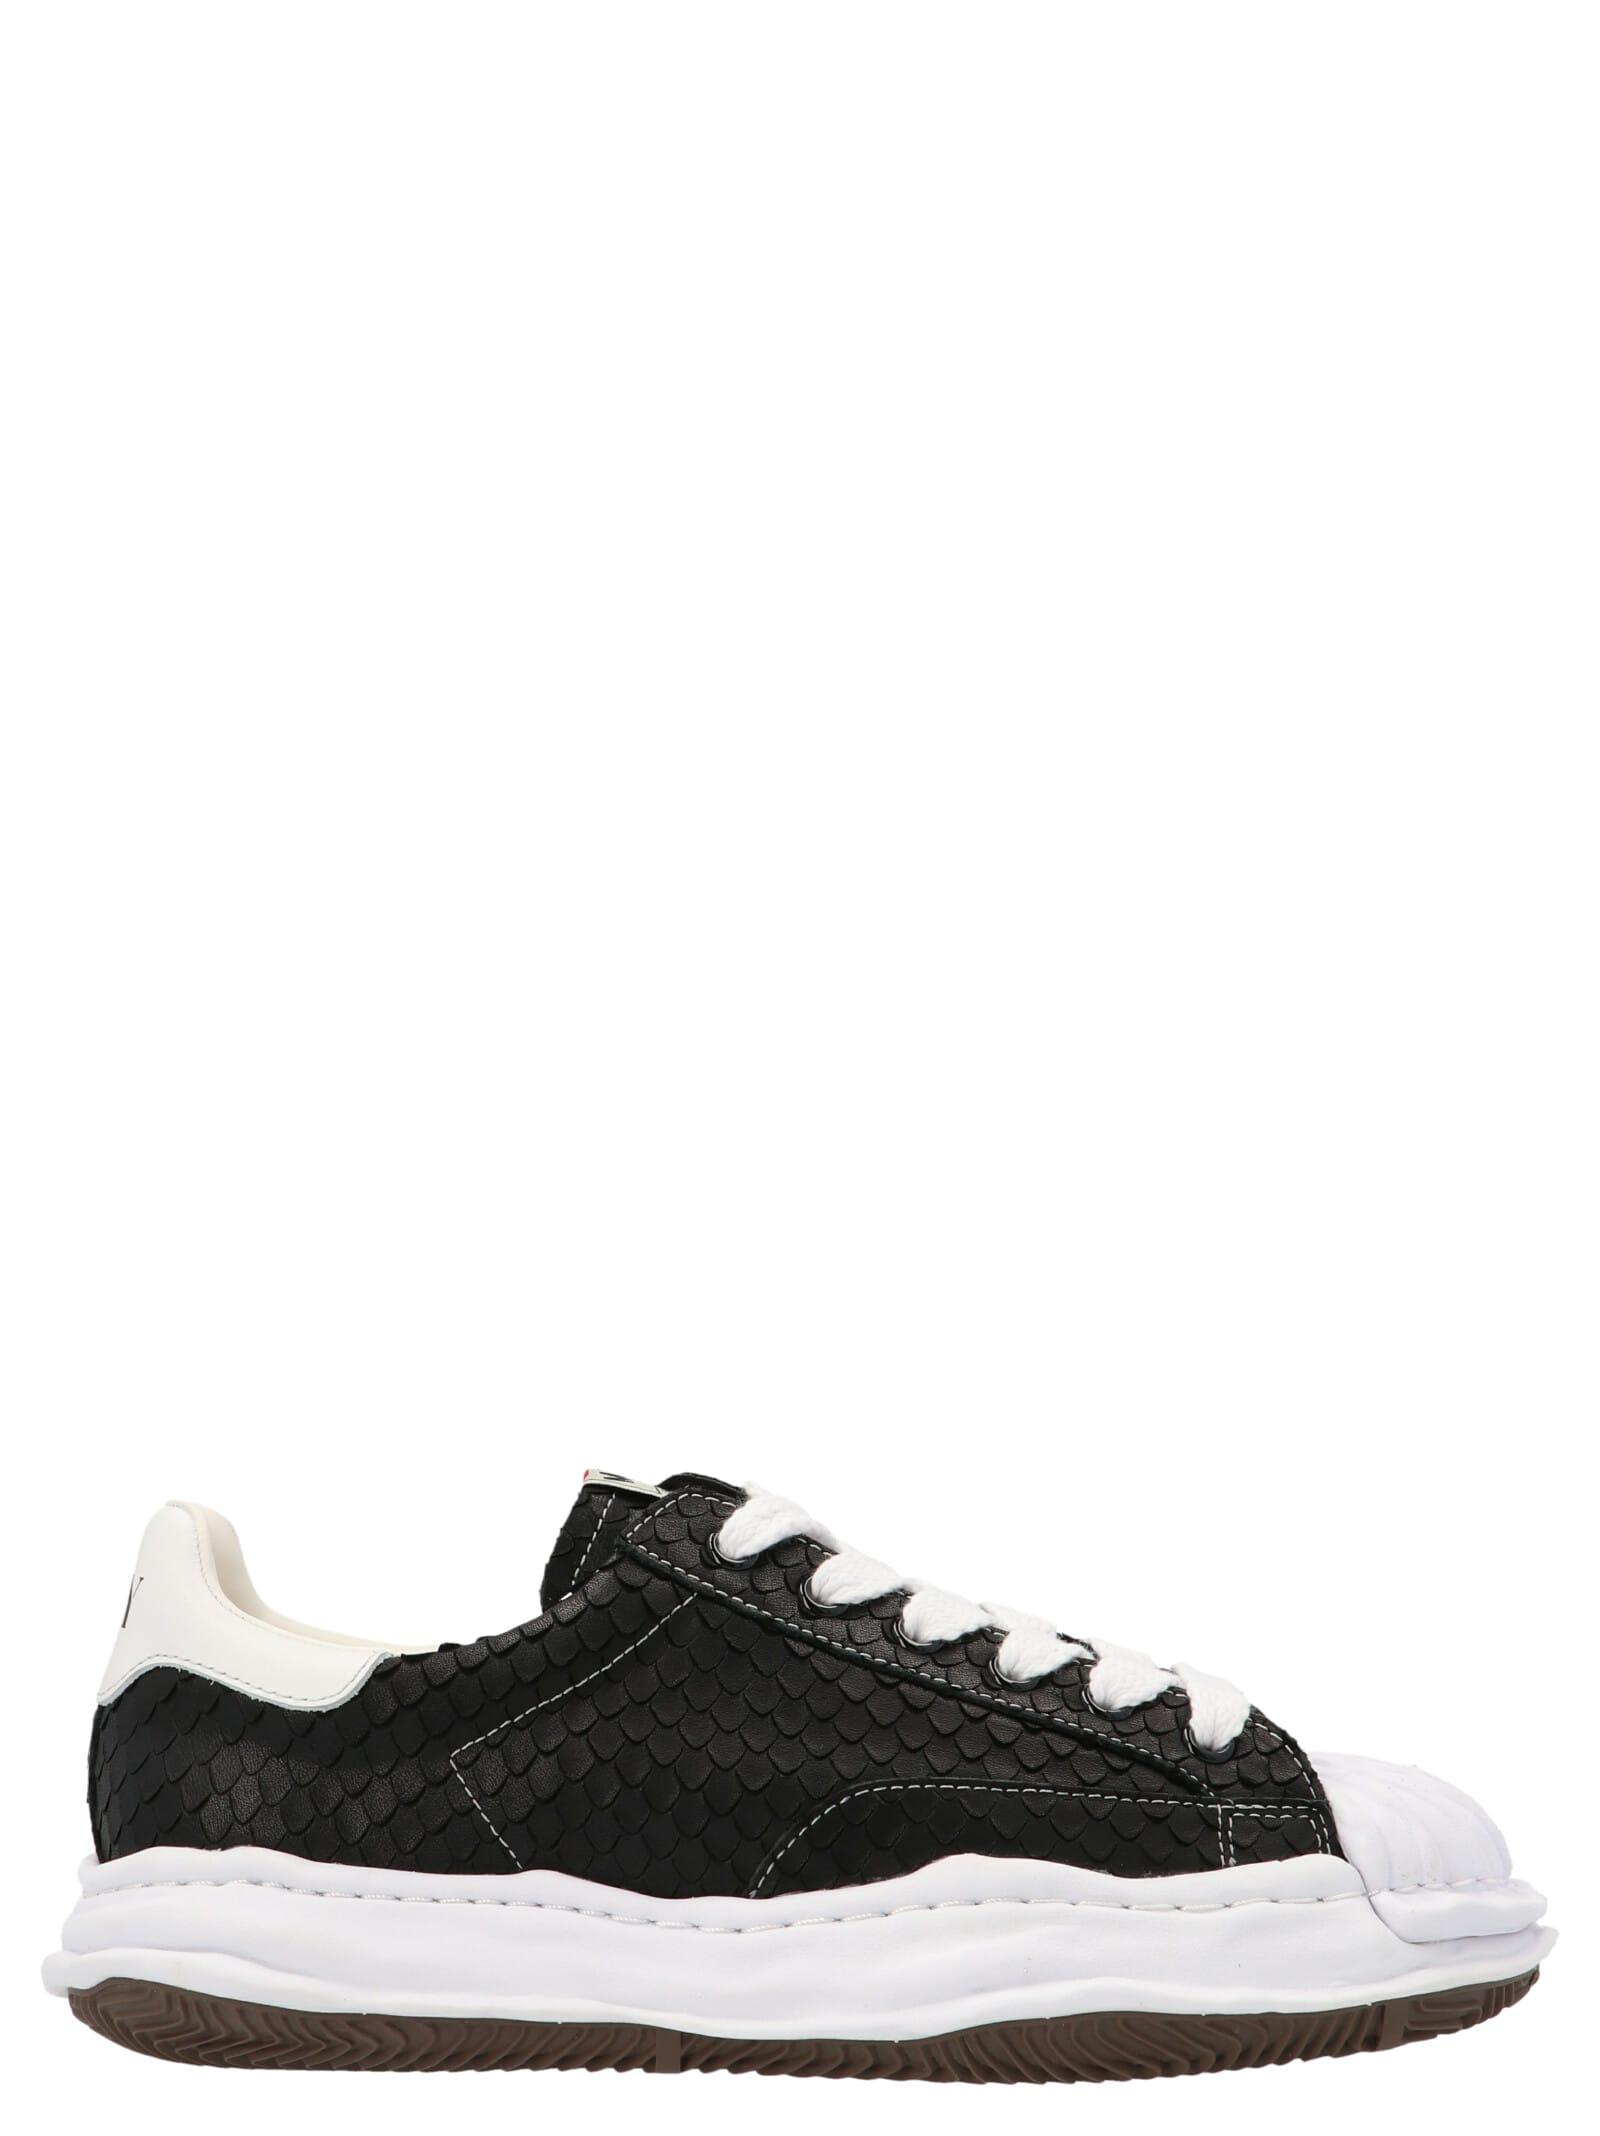 blakey Low Shoes